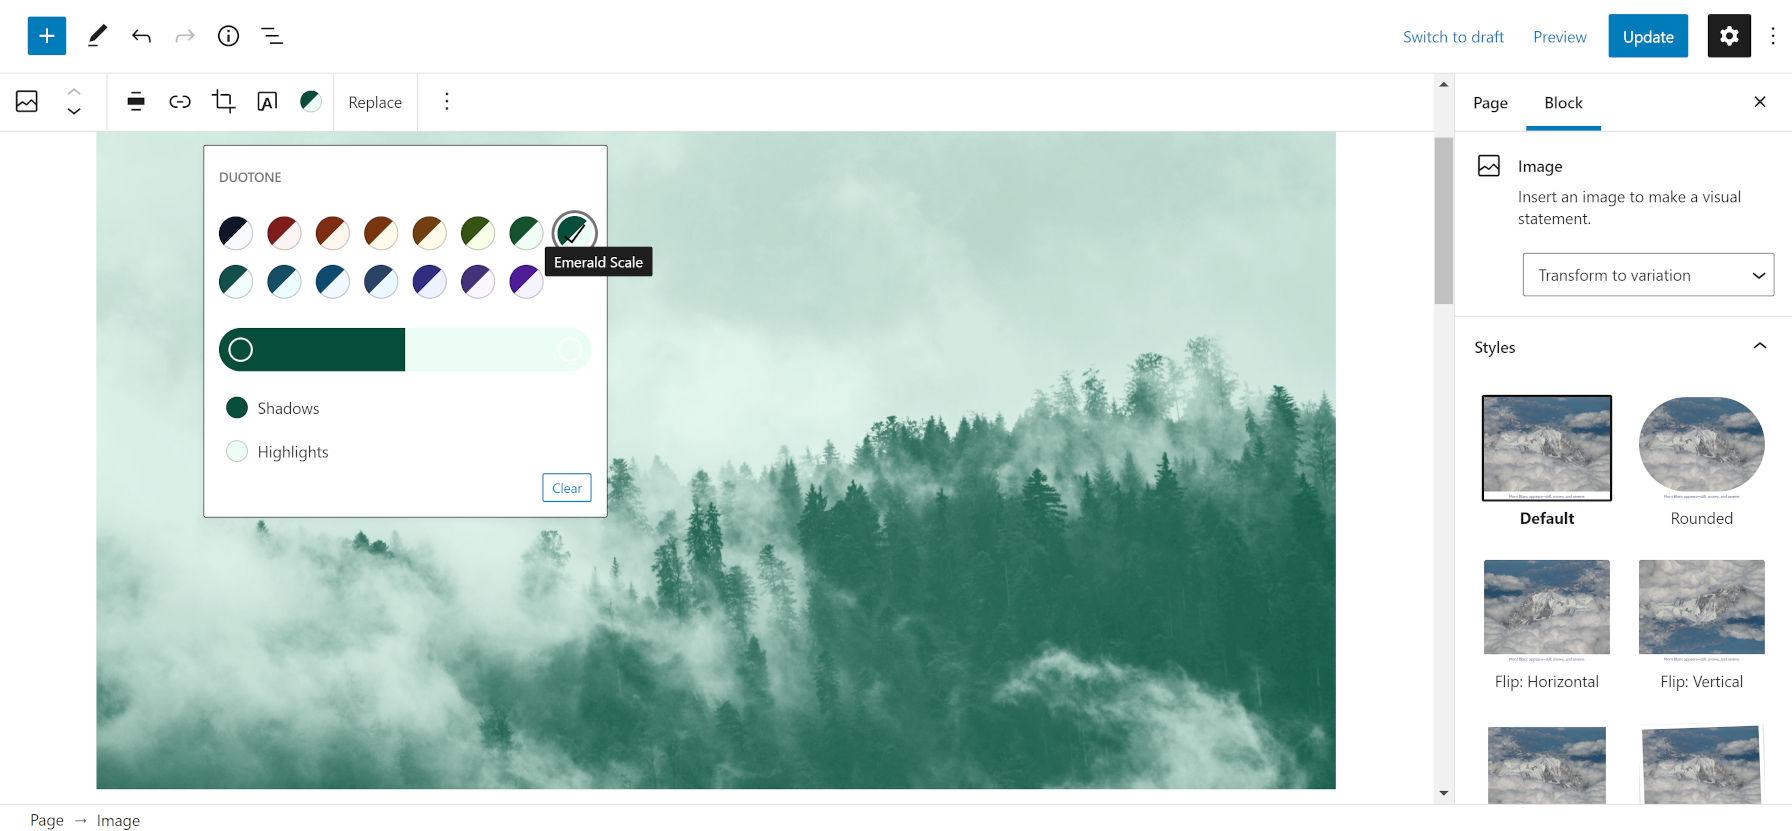 Filtro personalizzato a due tonalità color smeraldo su un'immagine di alberi e cielo.